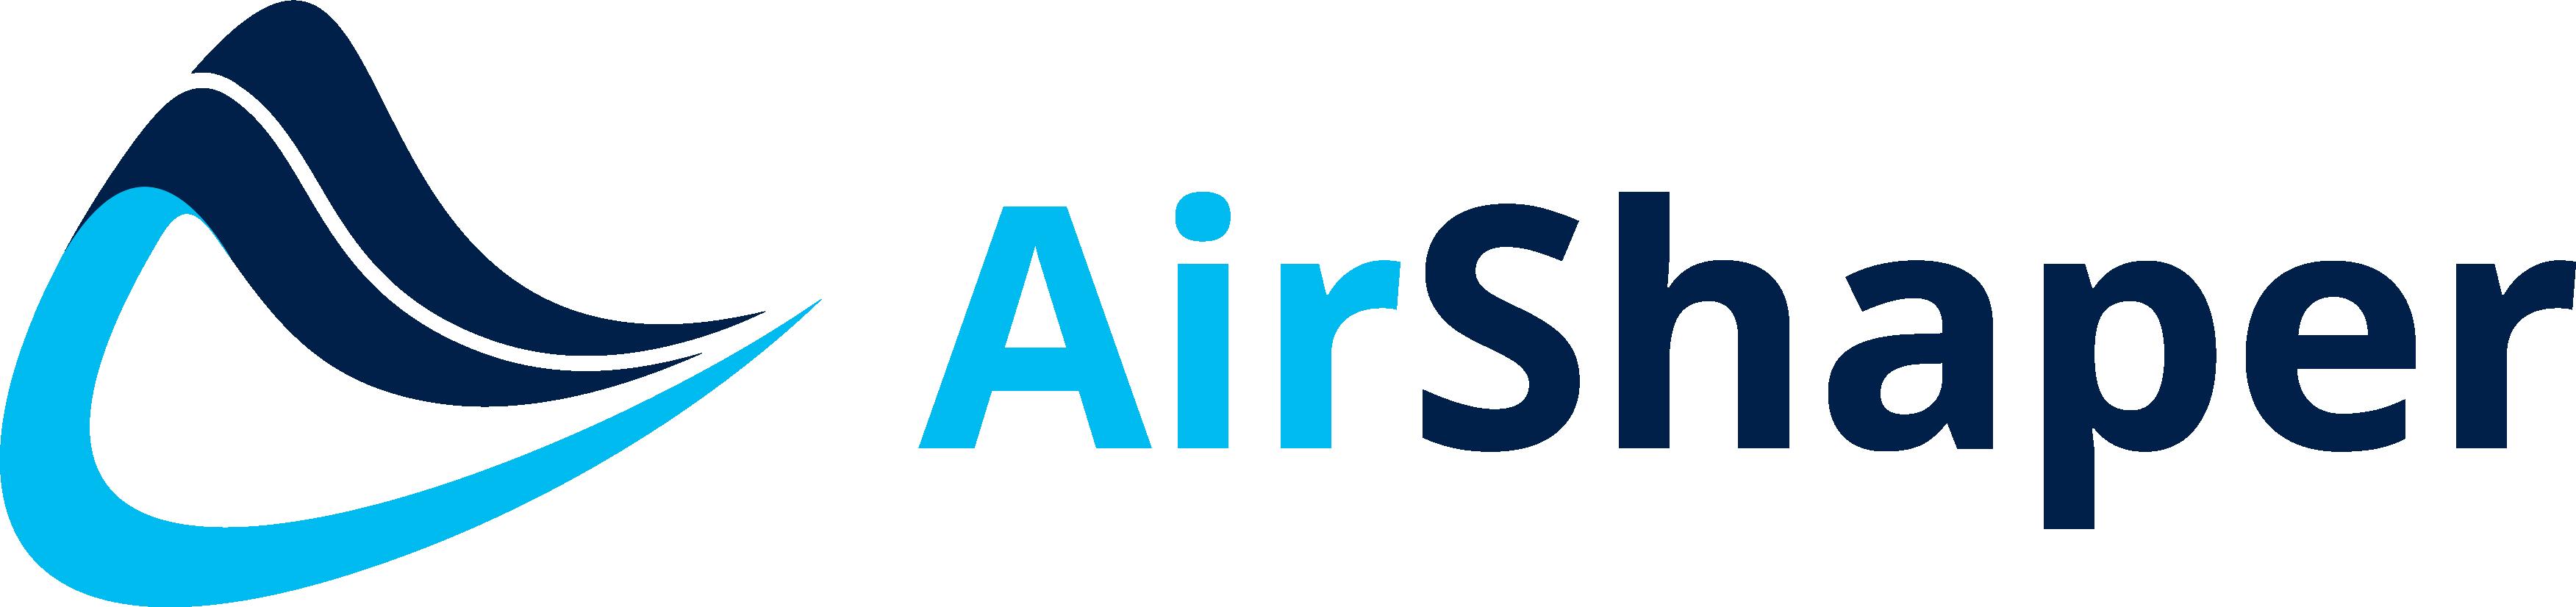 Airshaper Logo Glider Plane Design